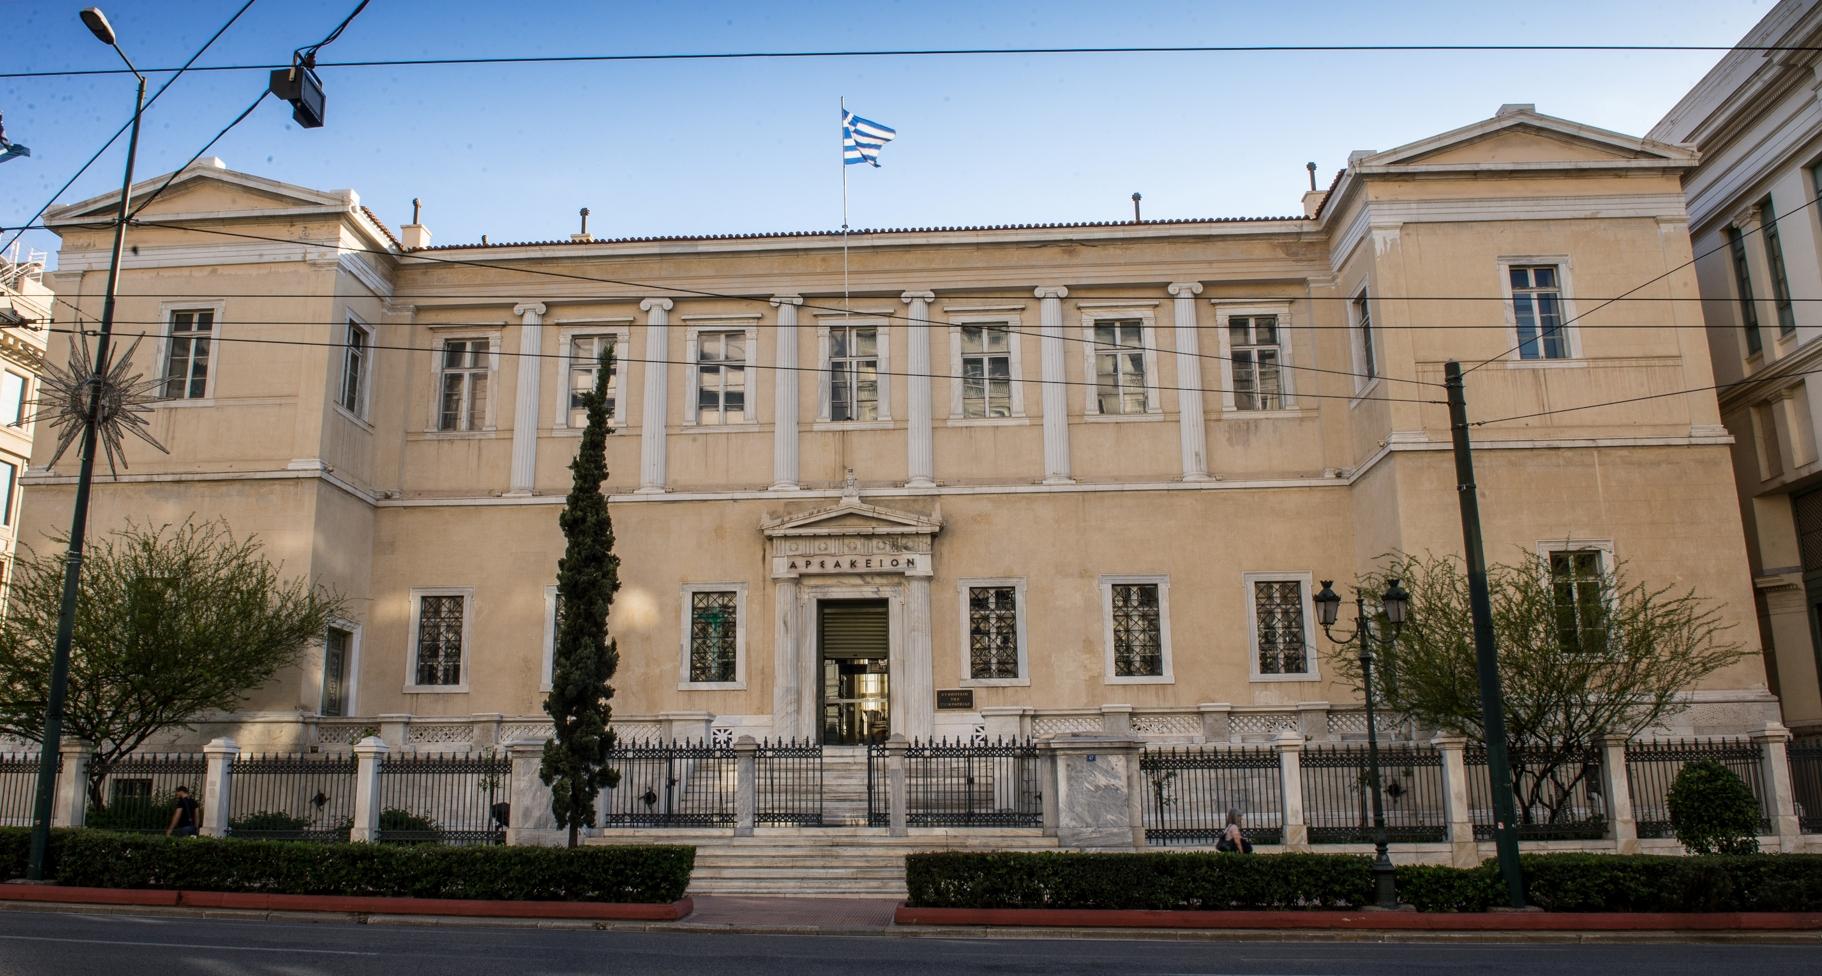 Απόστολος Αρσάκης, Εθνικός ευεργέτης, Αρσάκειο Μέγαρο, Apostolos Arsakis, nikosonline.gr